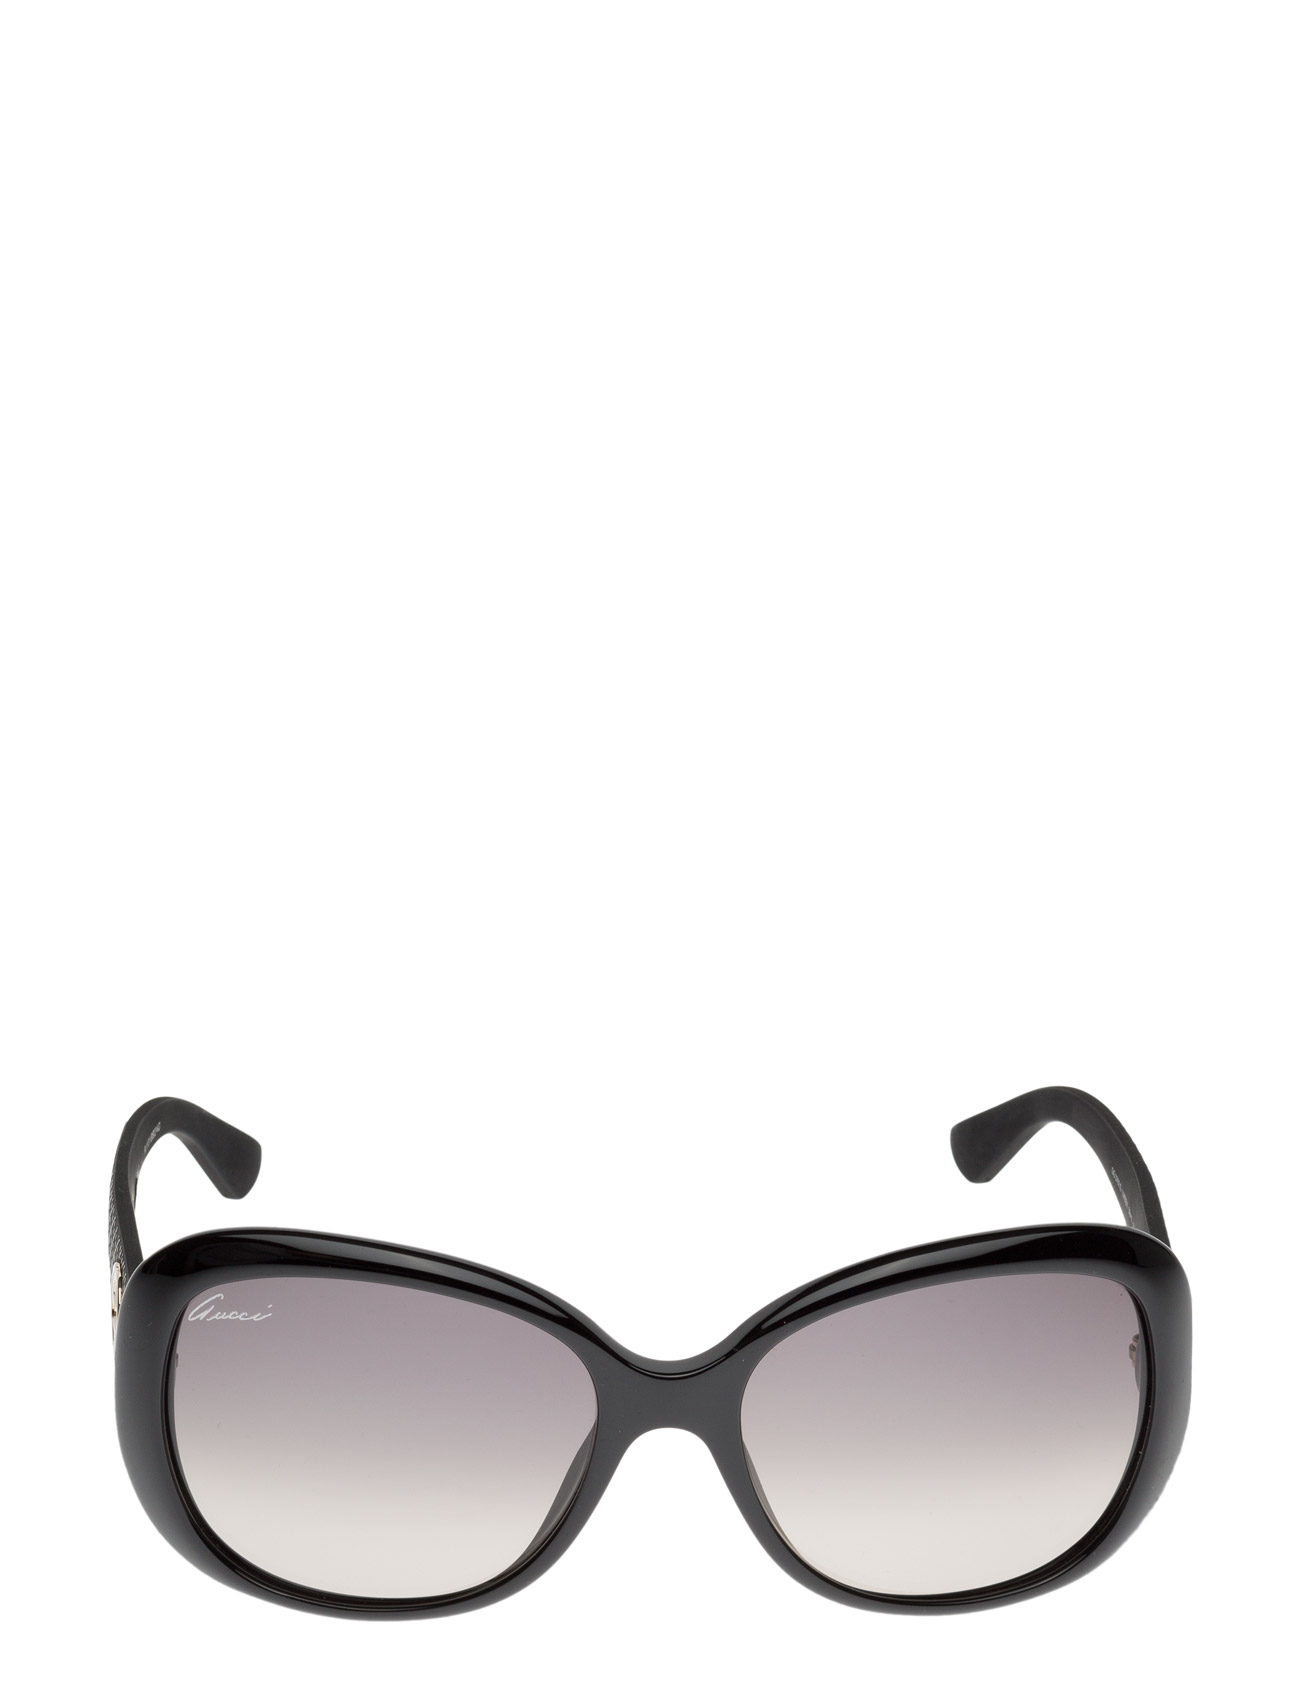 Gg 3787/S Gucci Sunglasses Solbriller til Kvinder i